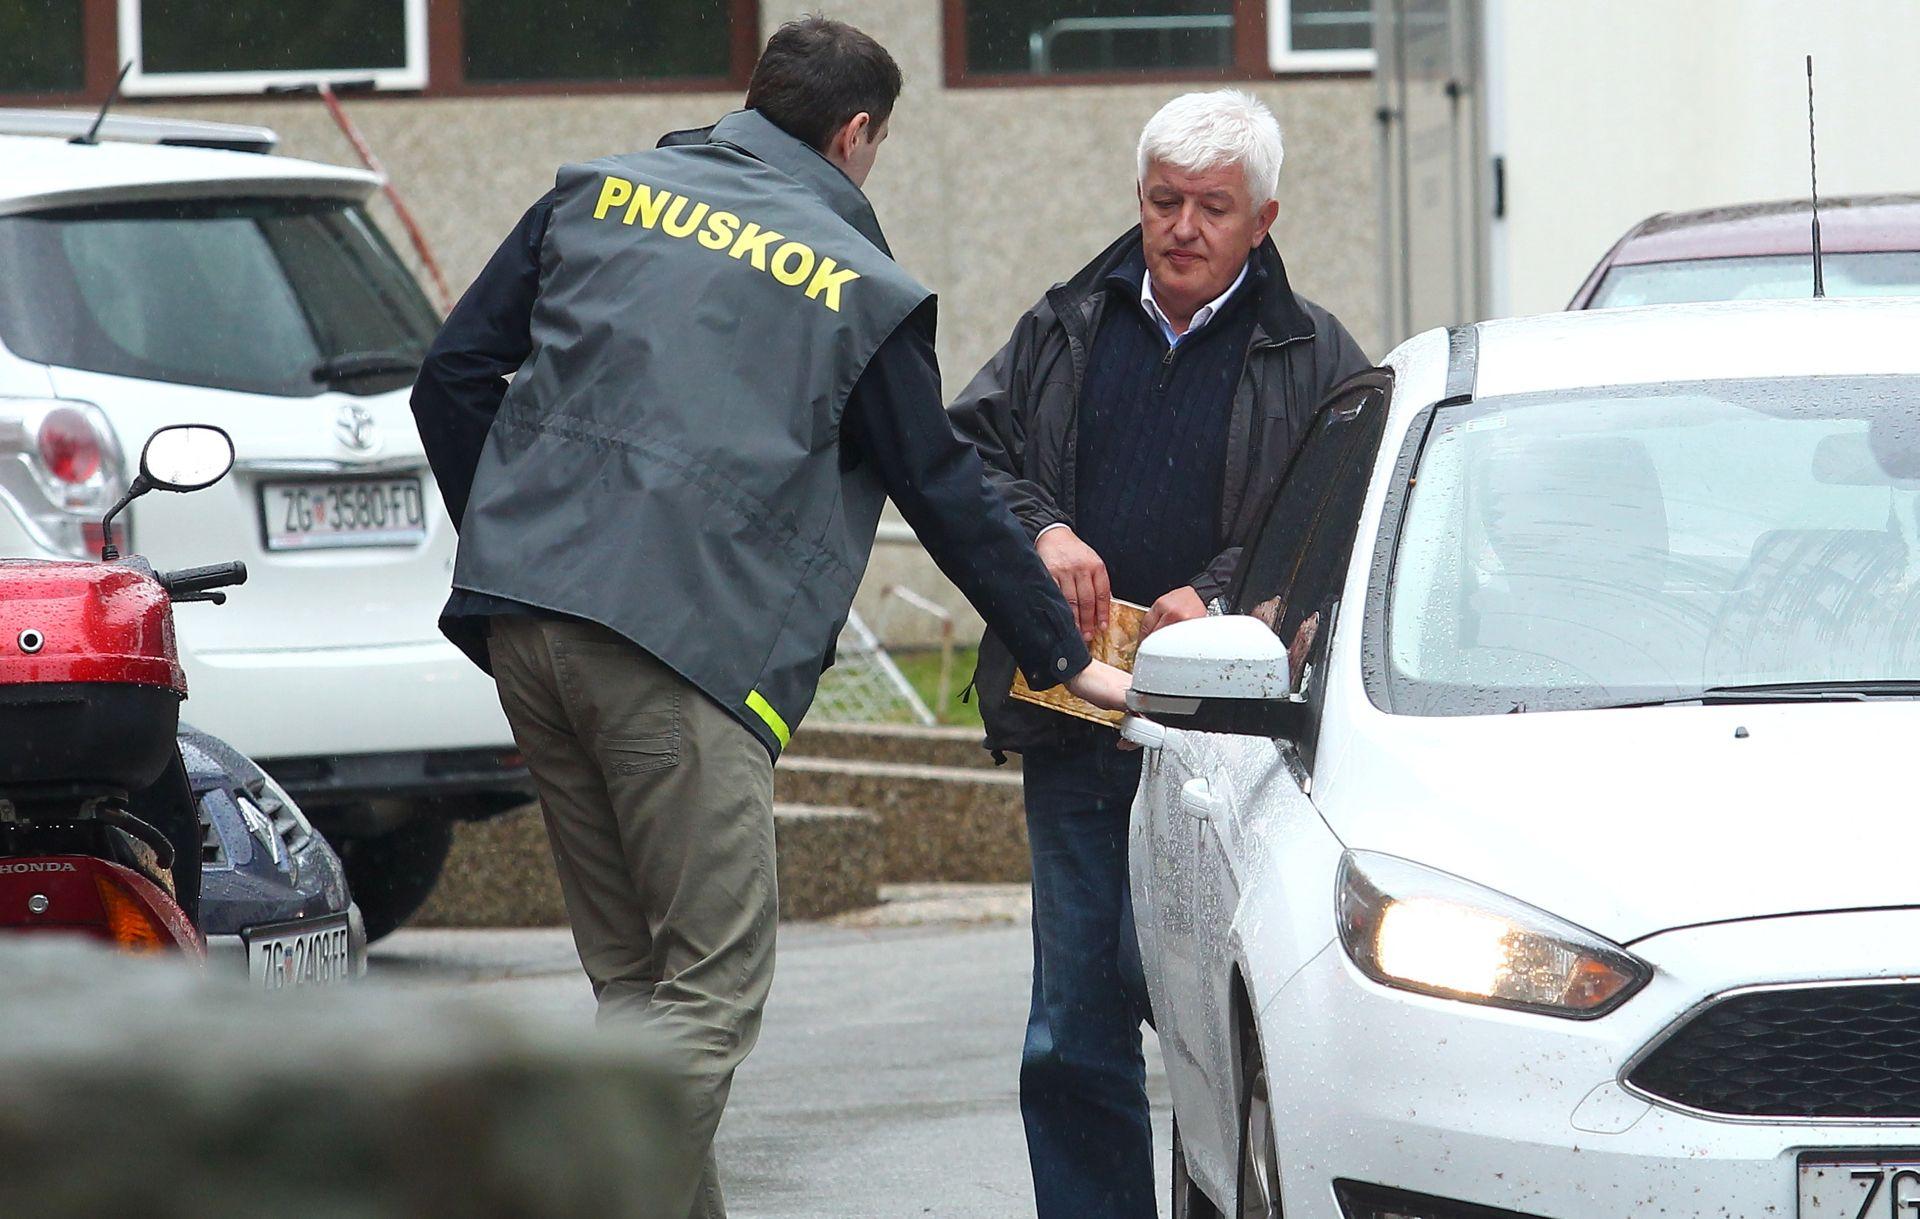 Zvonimiru Šostaru mjesec dana istražnog zatvora